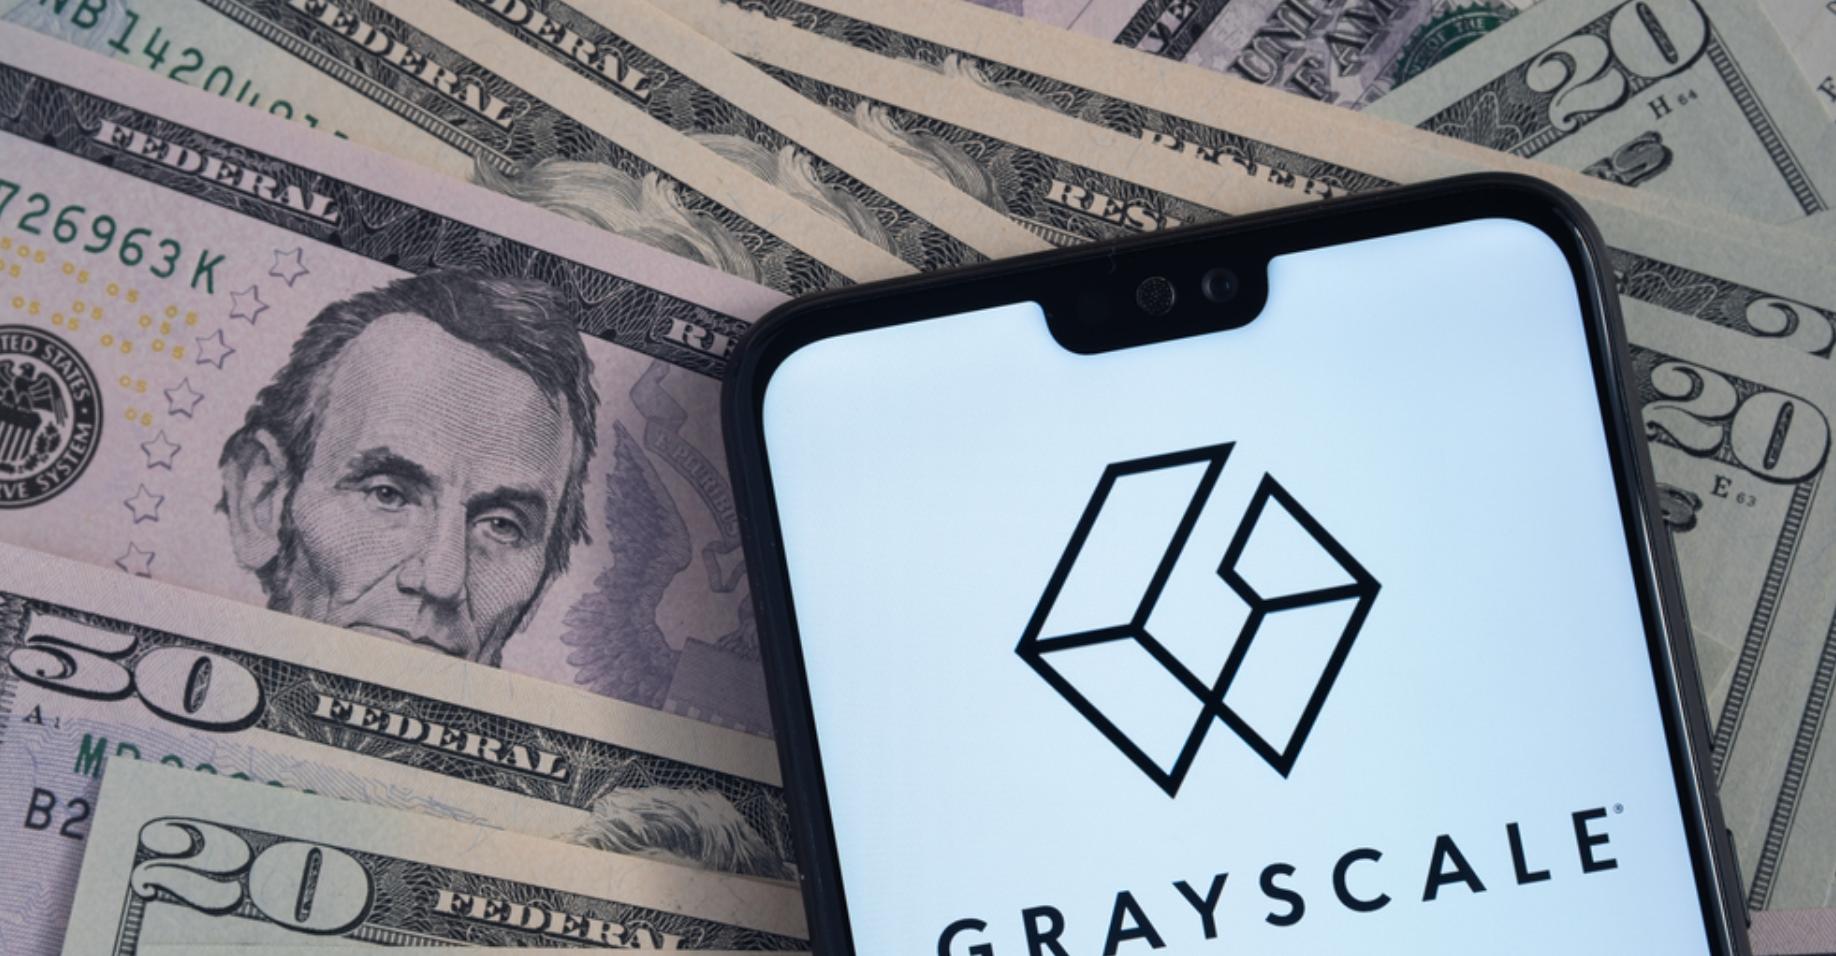 Grayscale Bitcoin aandelen